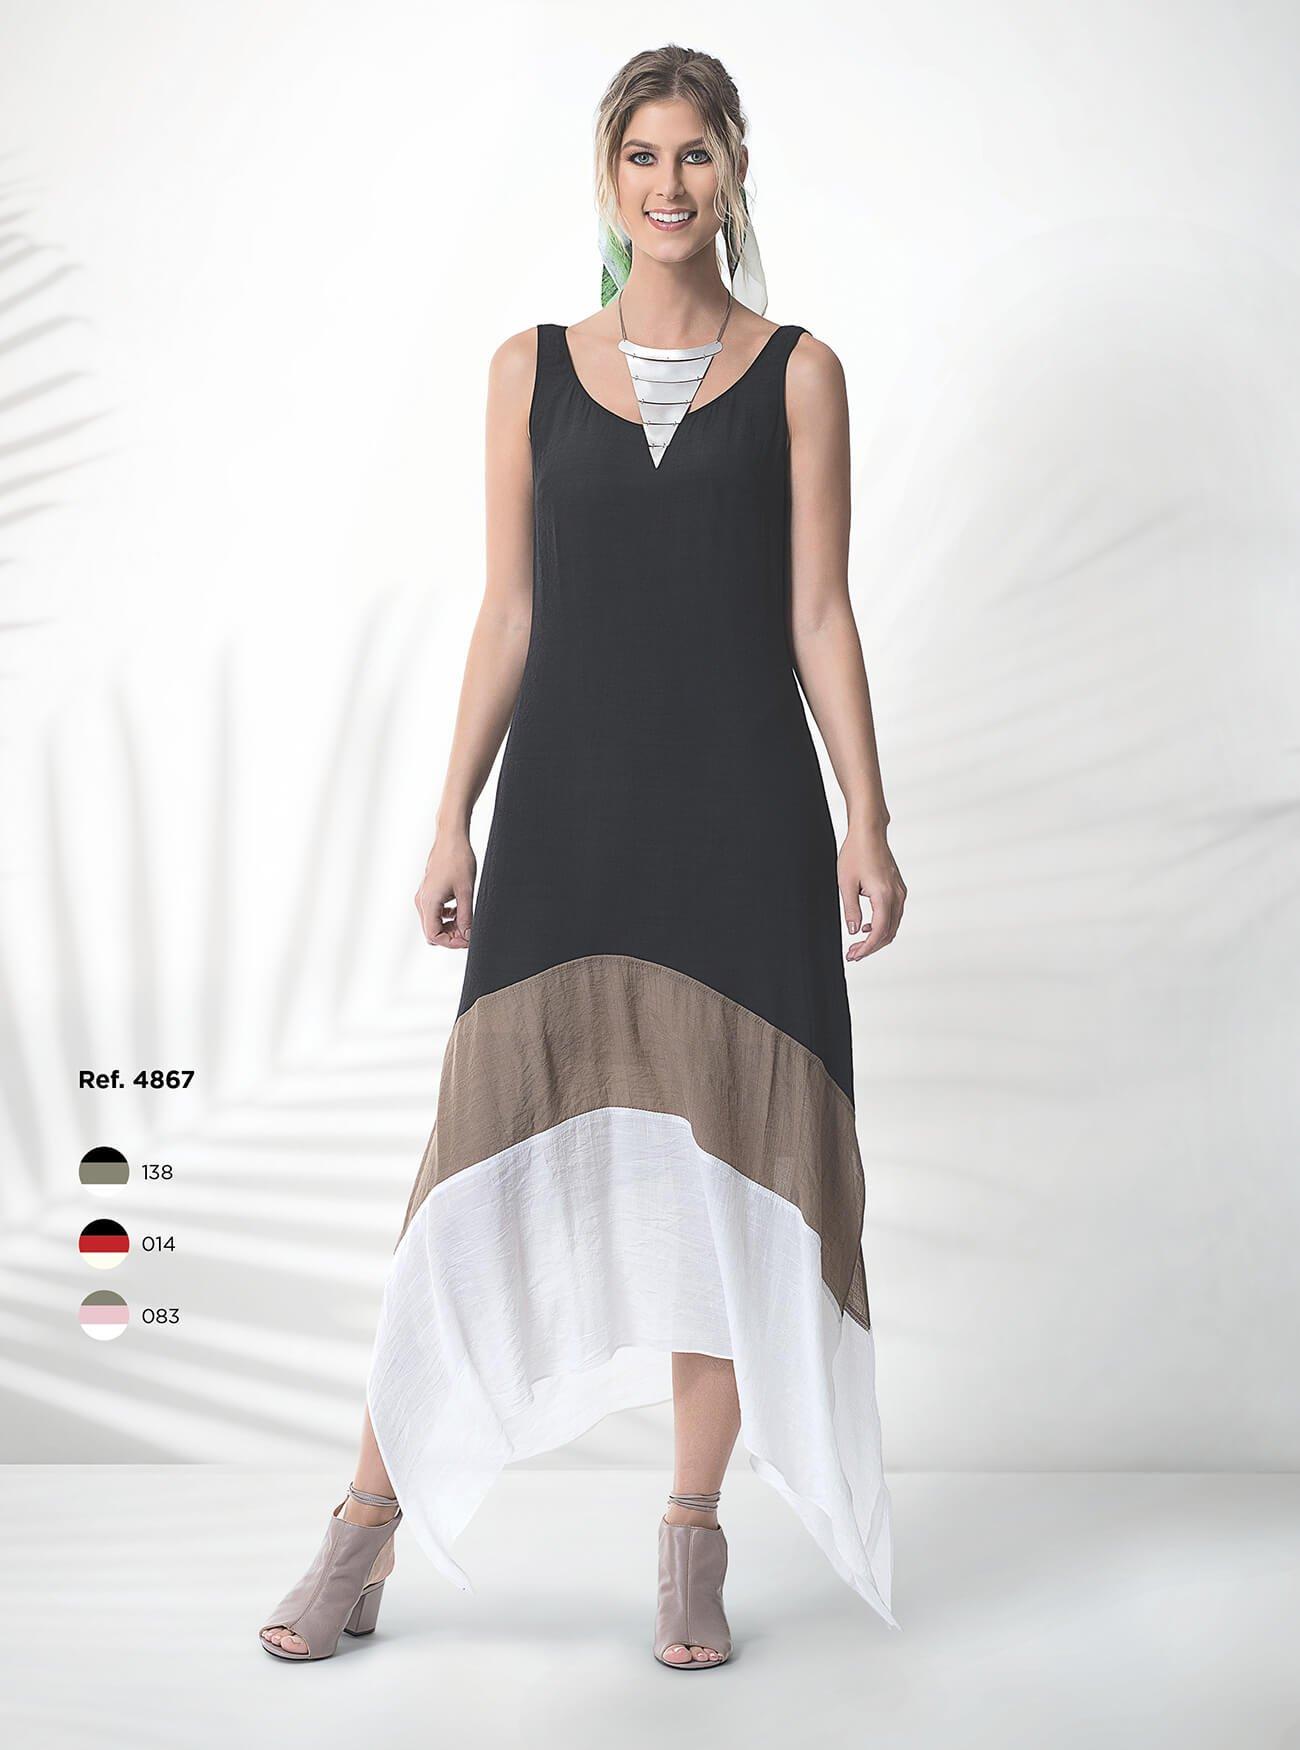 Vestido midi com 3 cores e detalhes com pontas